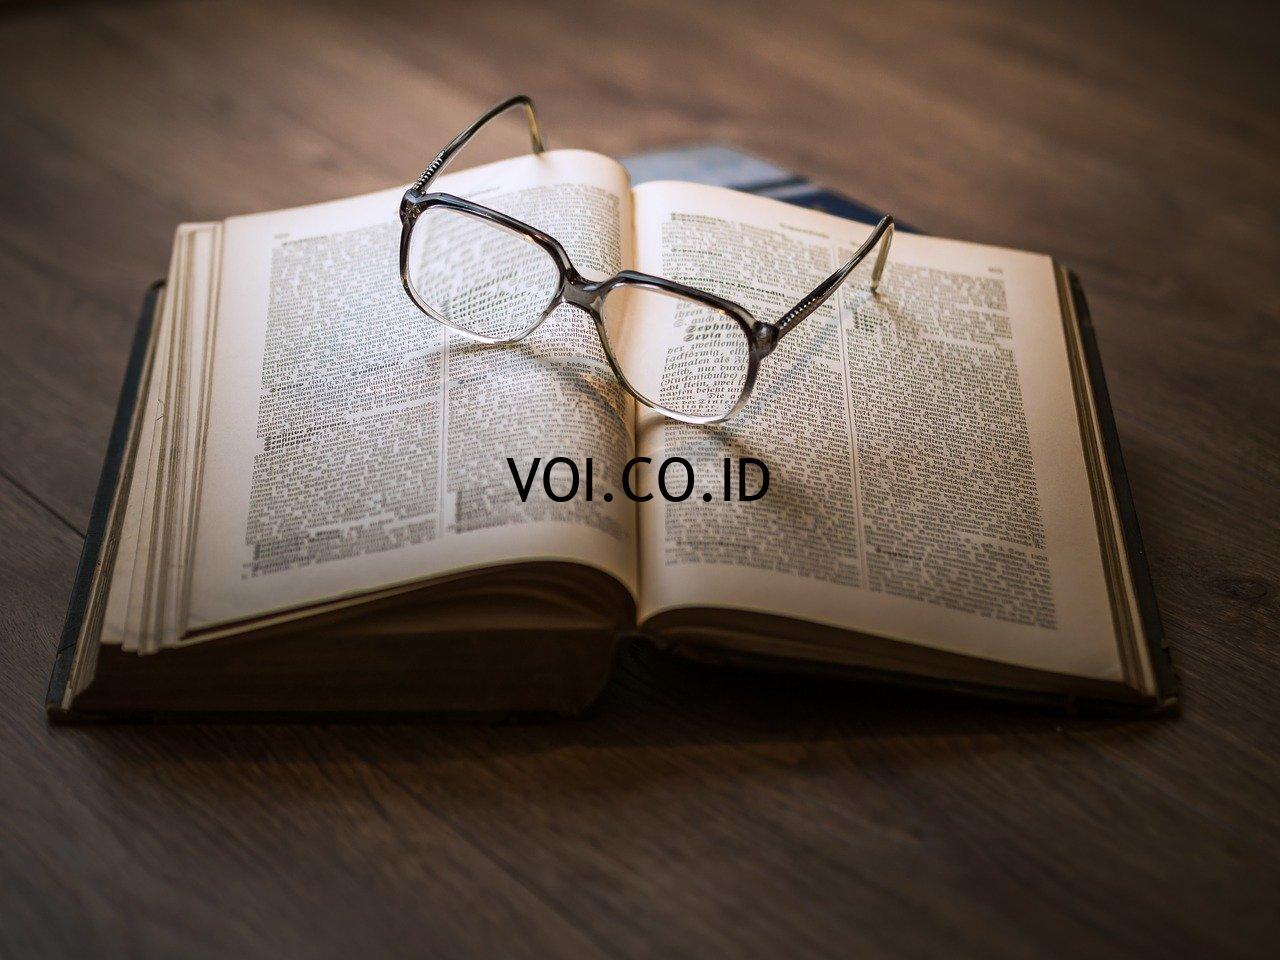 Tujuan Resensi Buku